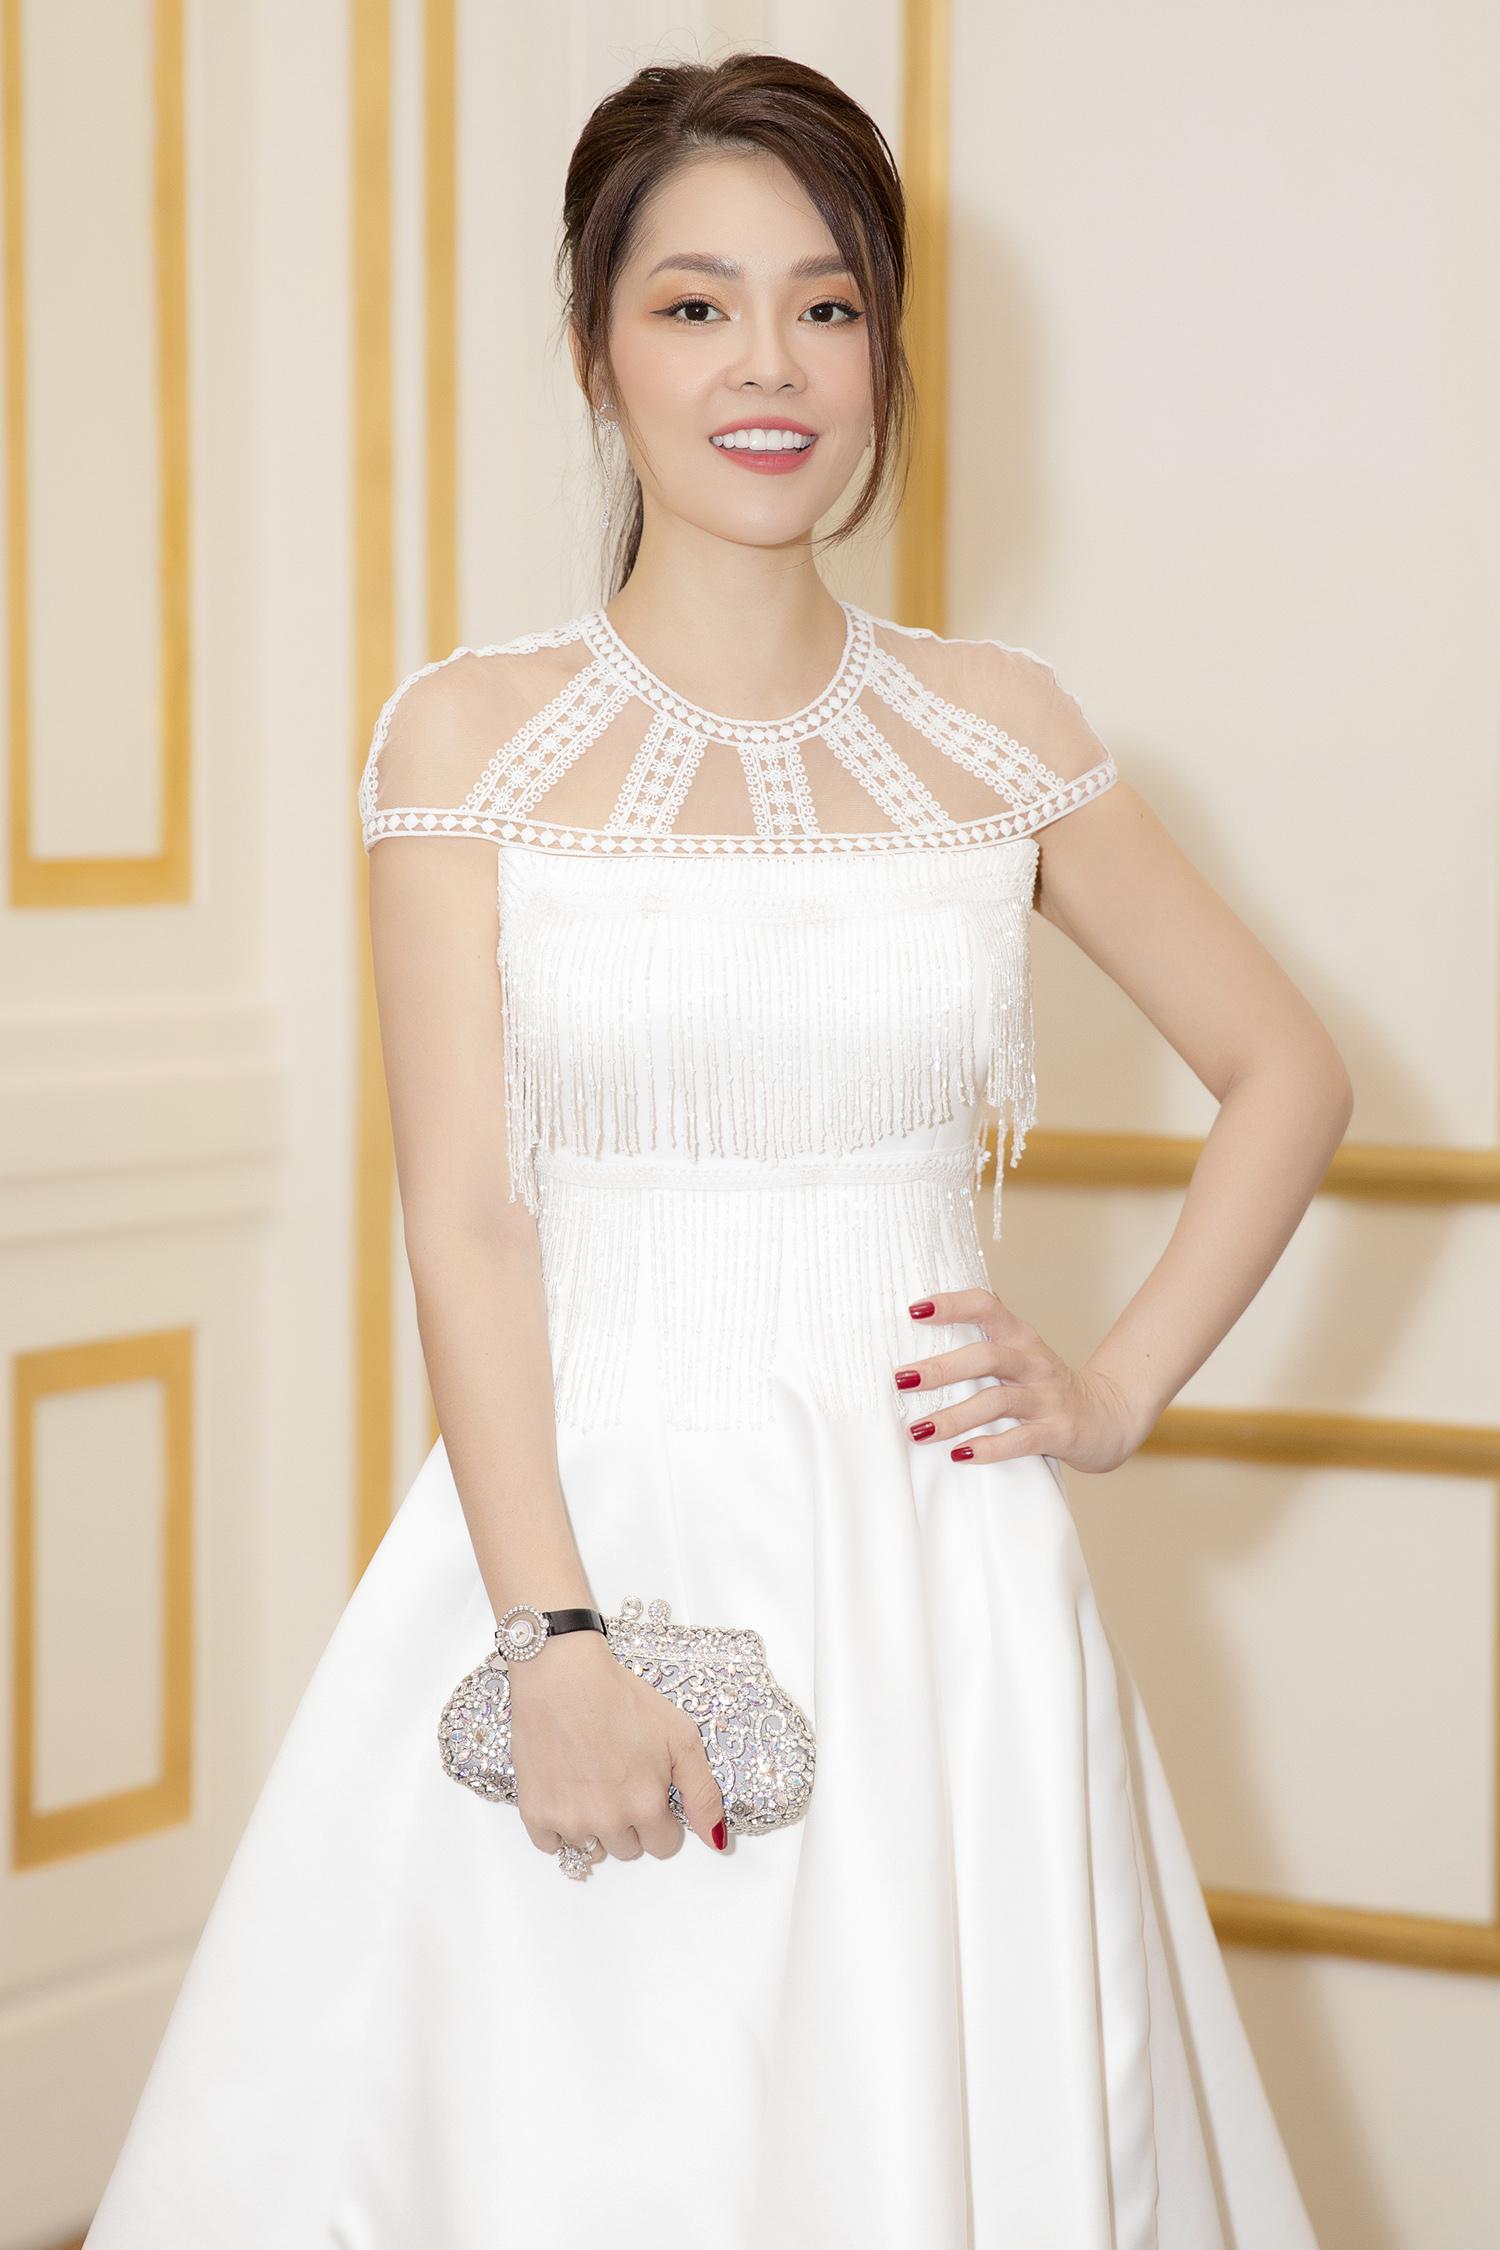 Dương Cẩm Lynh bất ngờ mặc váy cưới khiến khán giả tò mò Ảnh 6